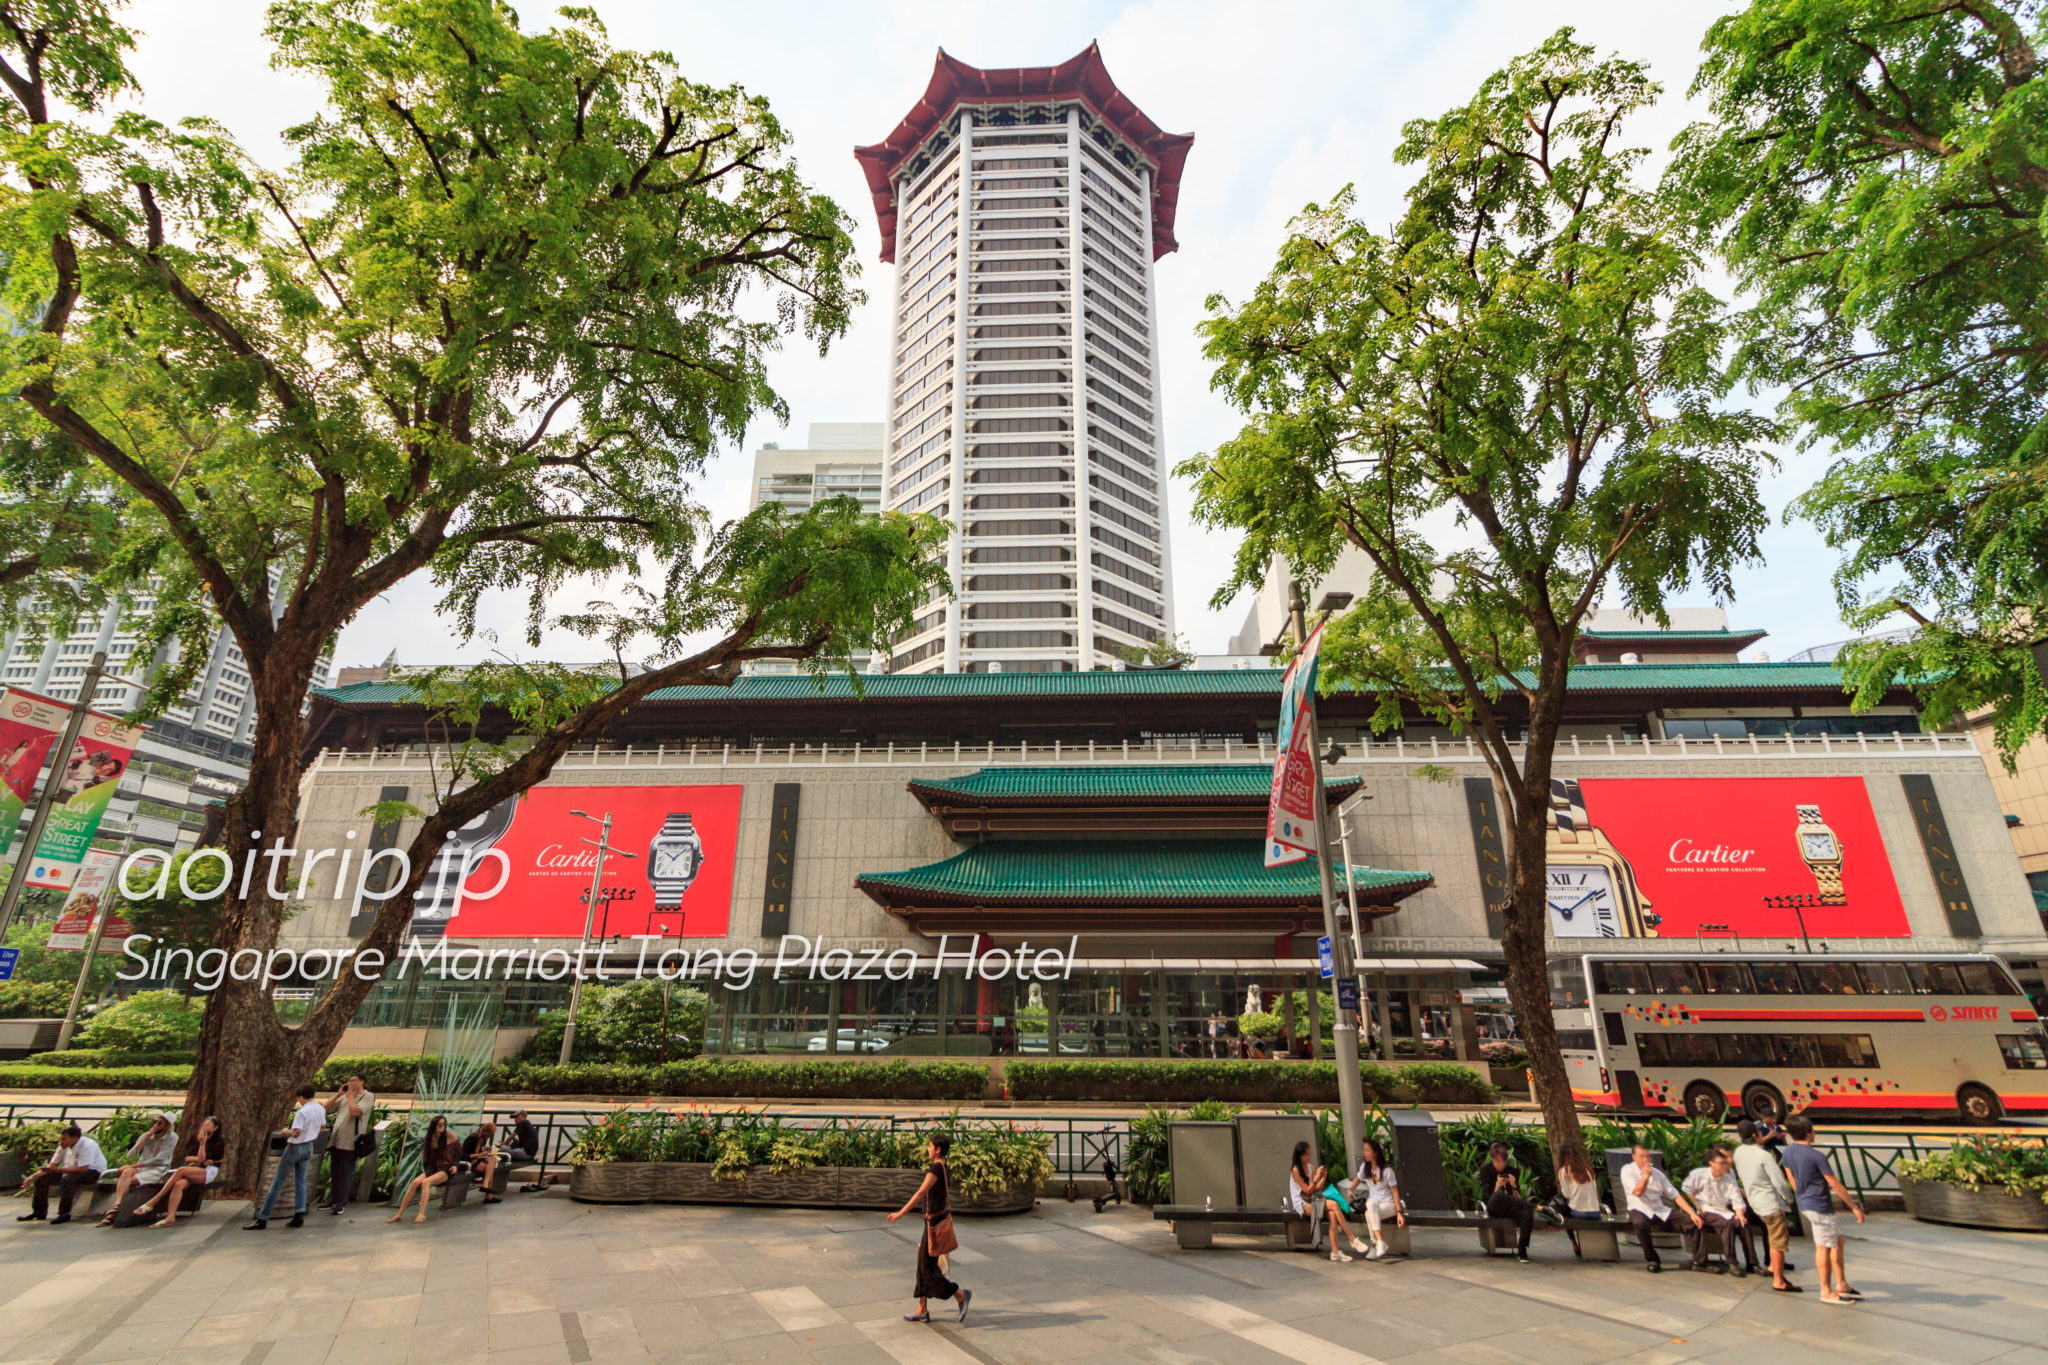 シンガポール マリオット タング プラザ ホテルの外観